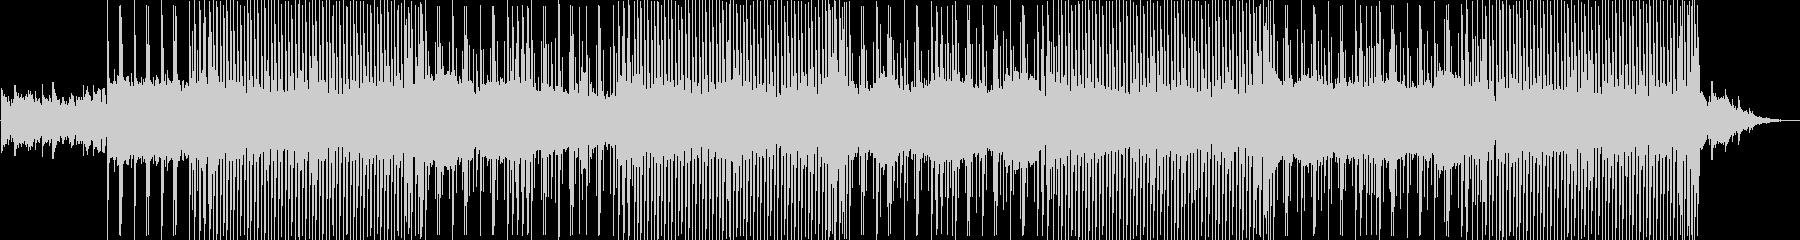 企業VP,解説動画,さわやか,ピアノの未再生の波形